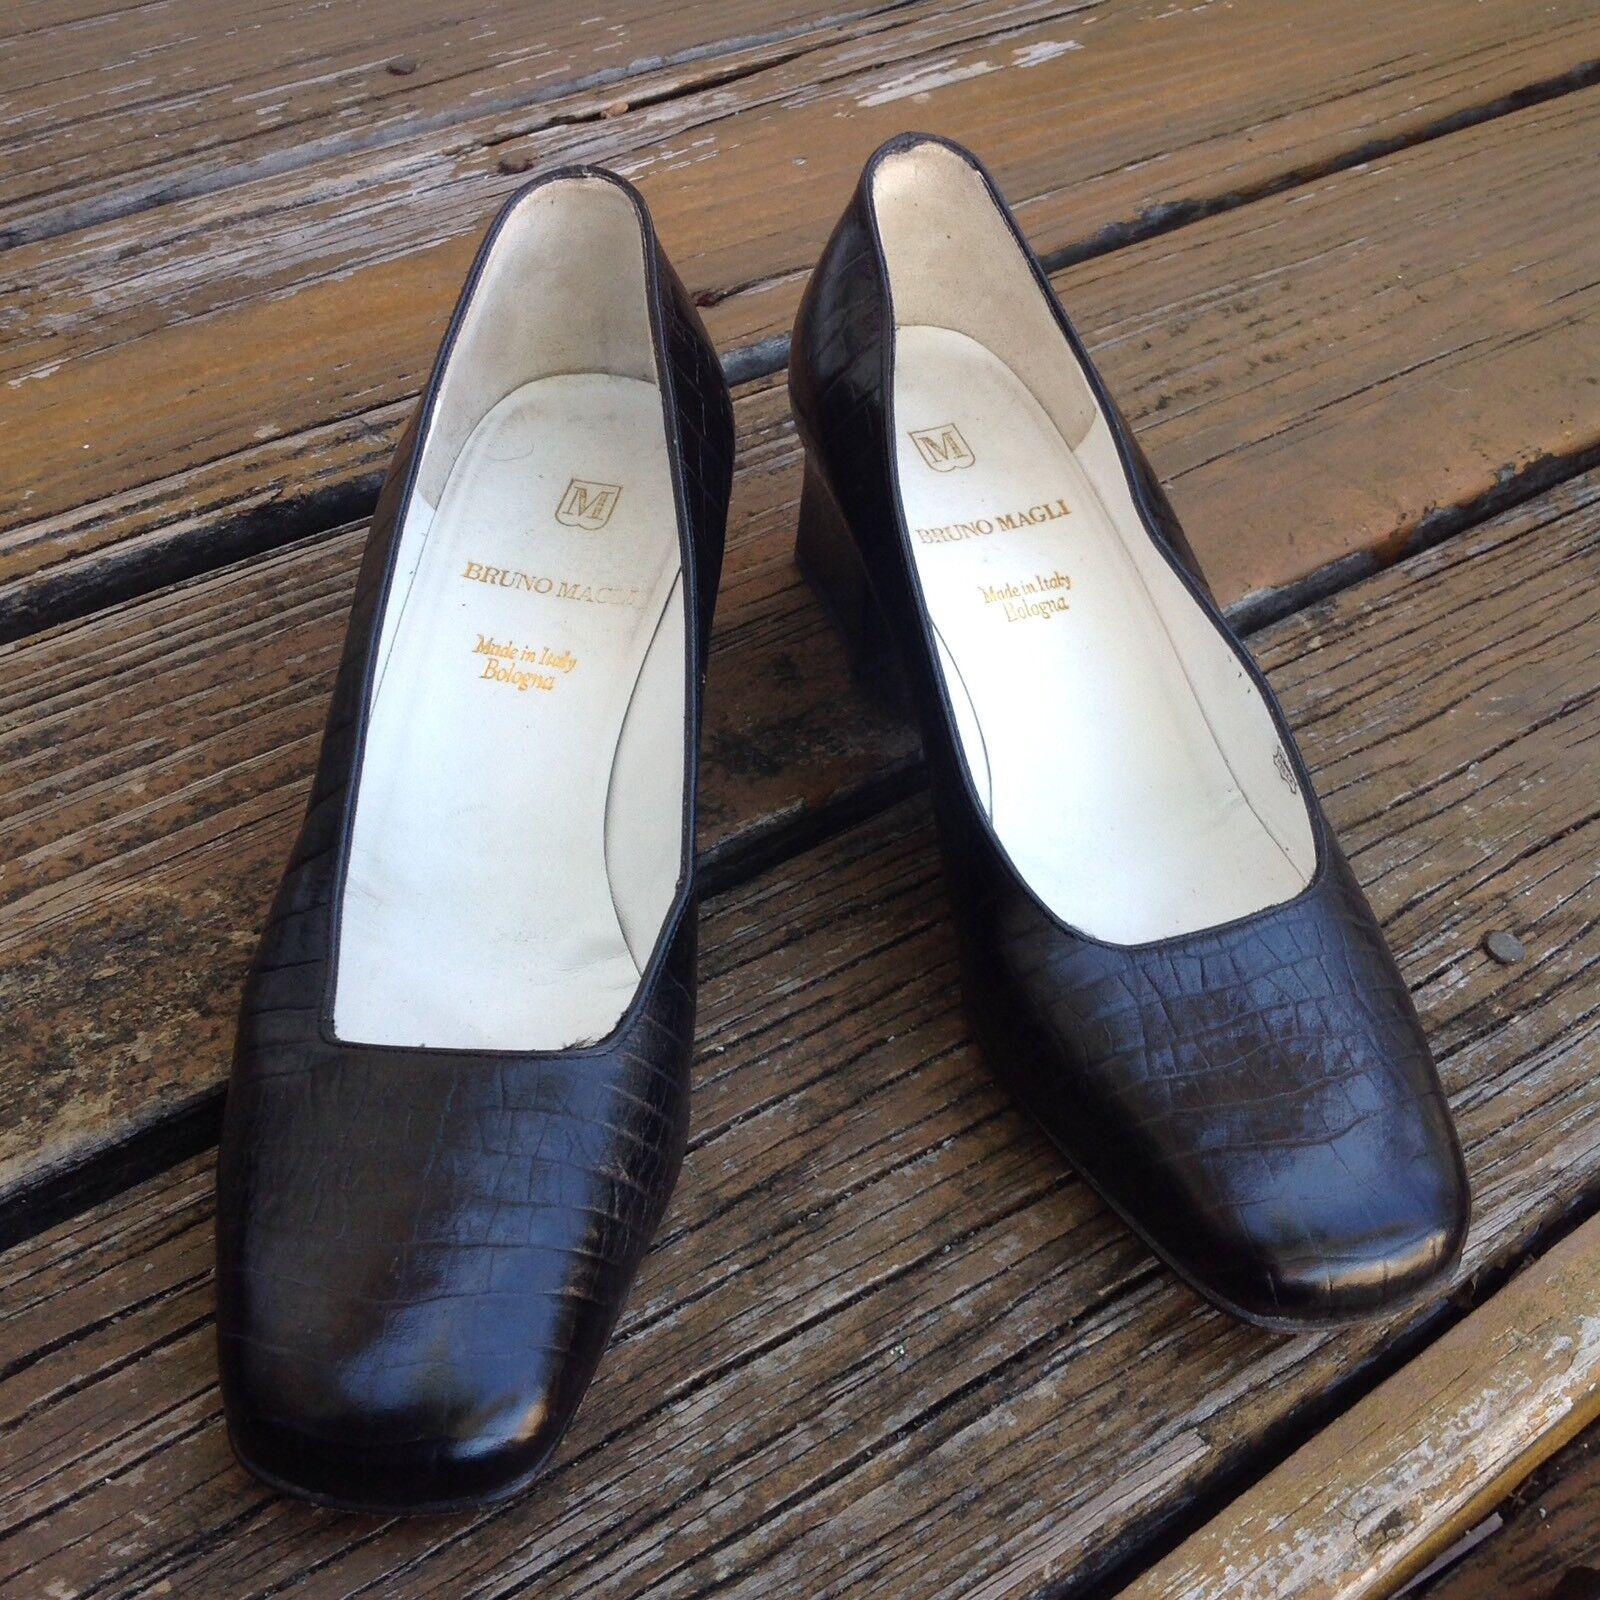 Bruno Magli Negro de cuero en relieve relieve relieve en Bombas Zapatos para mujer EU 36.5 Tacones Altos Italia  Felices compras